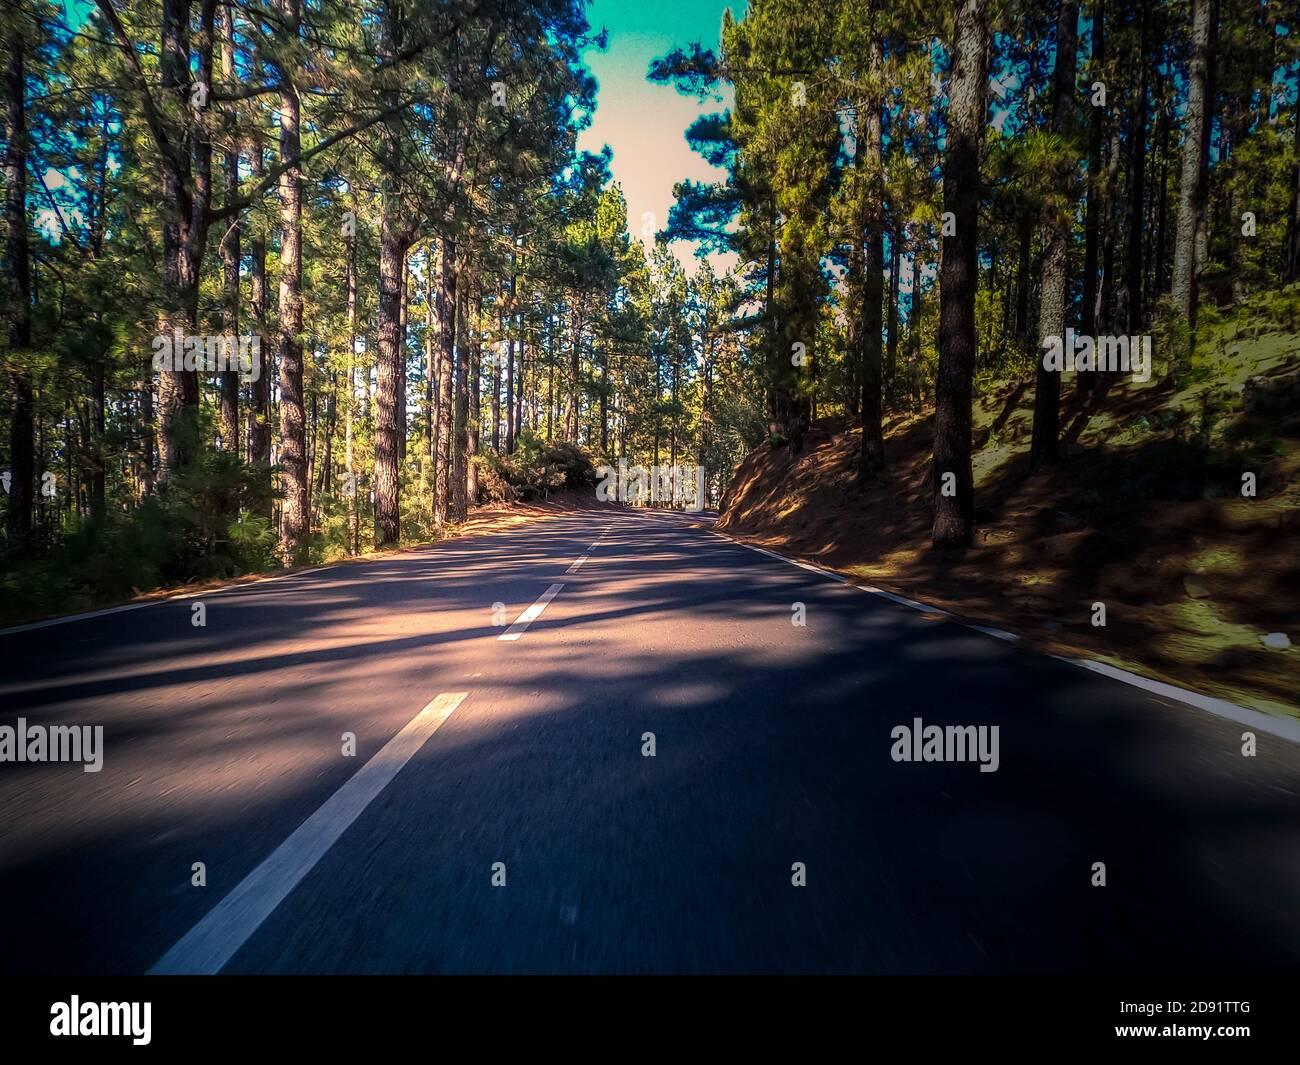 Largo asfalto carretera vista del suelo y concepto de viaje - montaña y paisaje del cielo - viaje por carretera al aire libre en un lugar pintoresco antecedentes Foto de stock